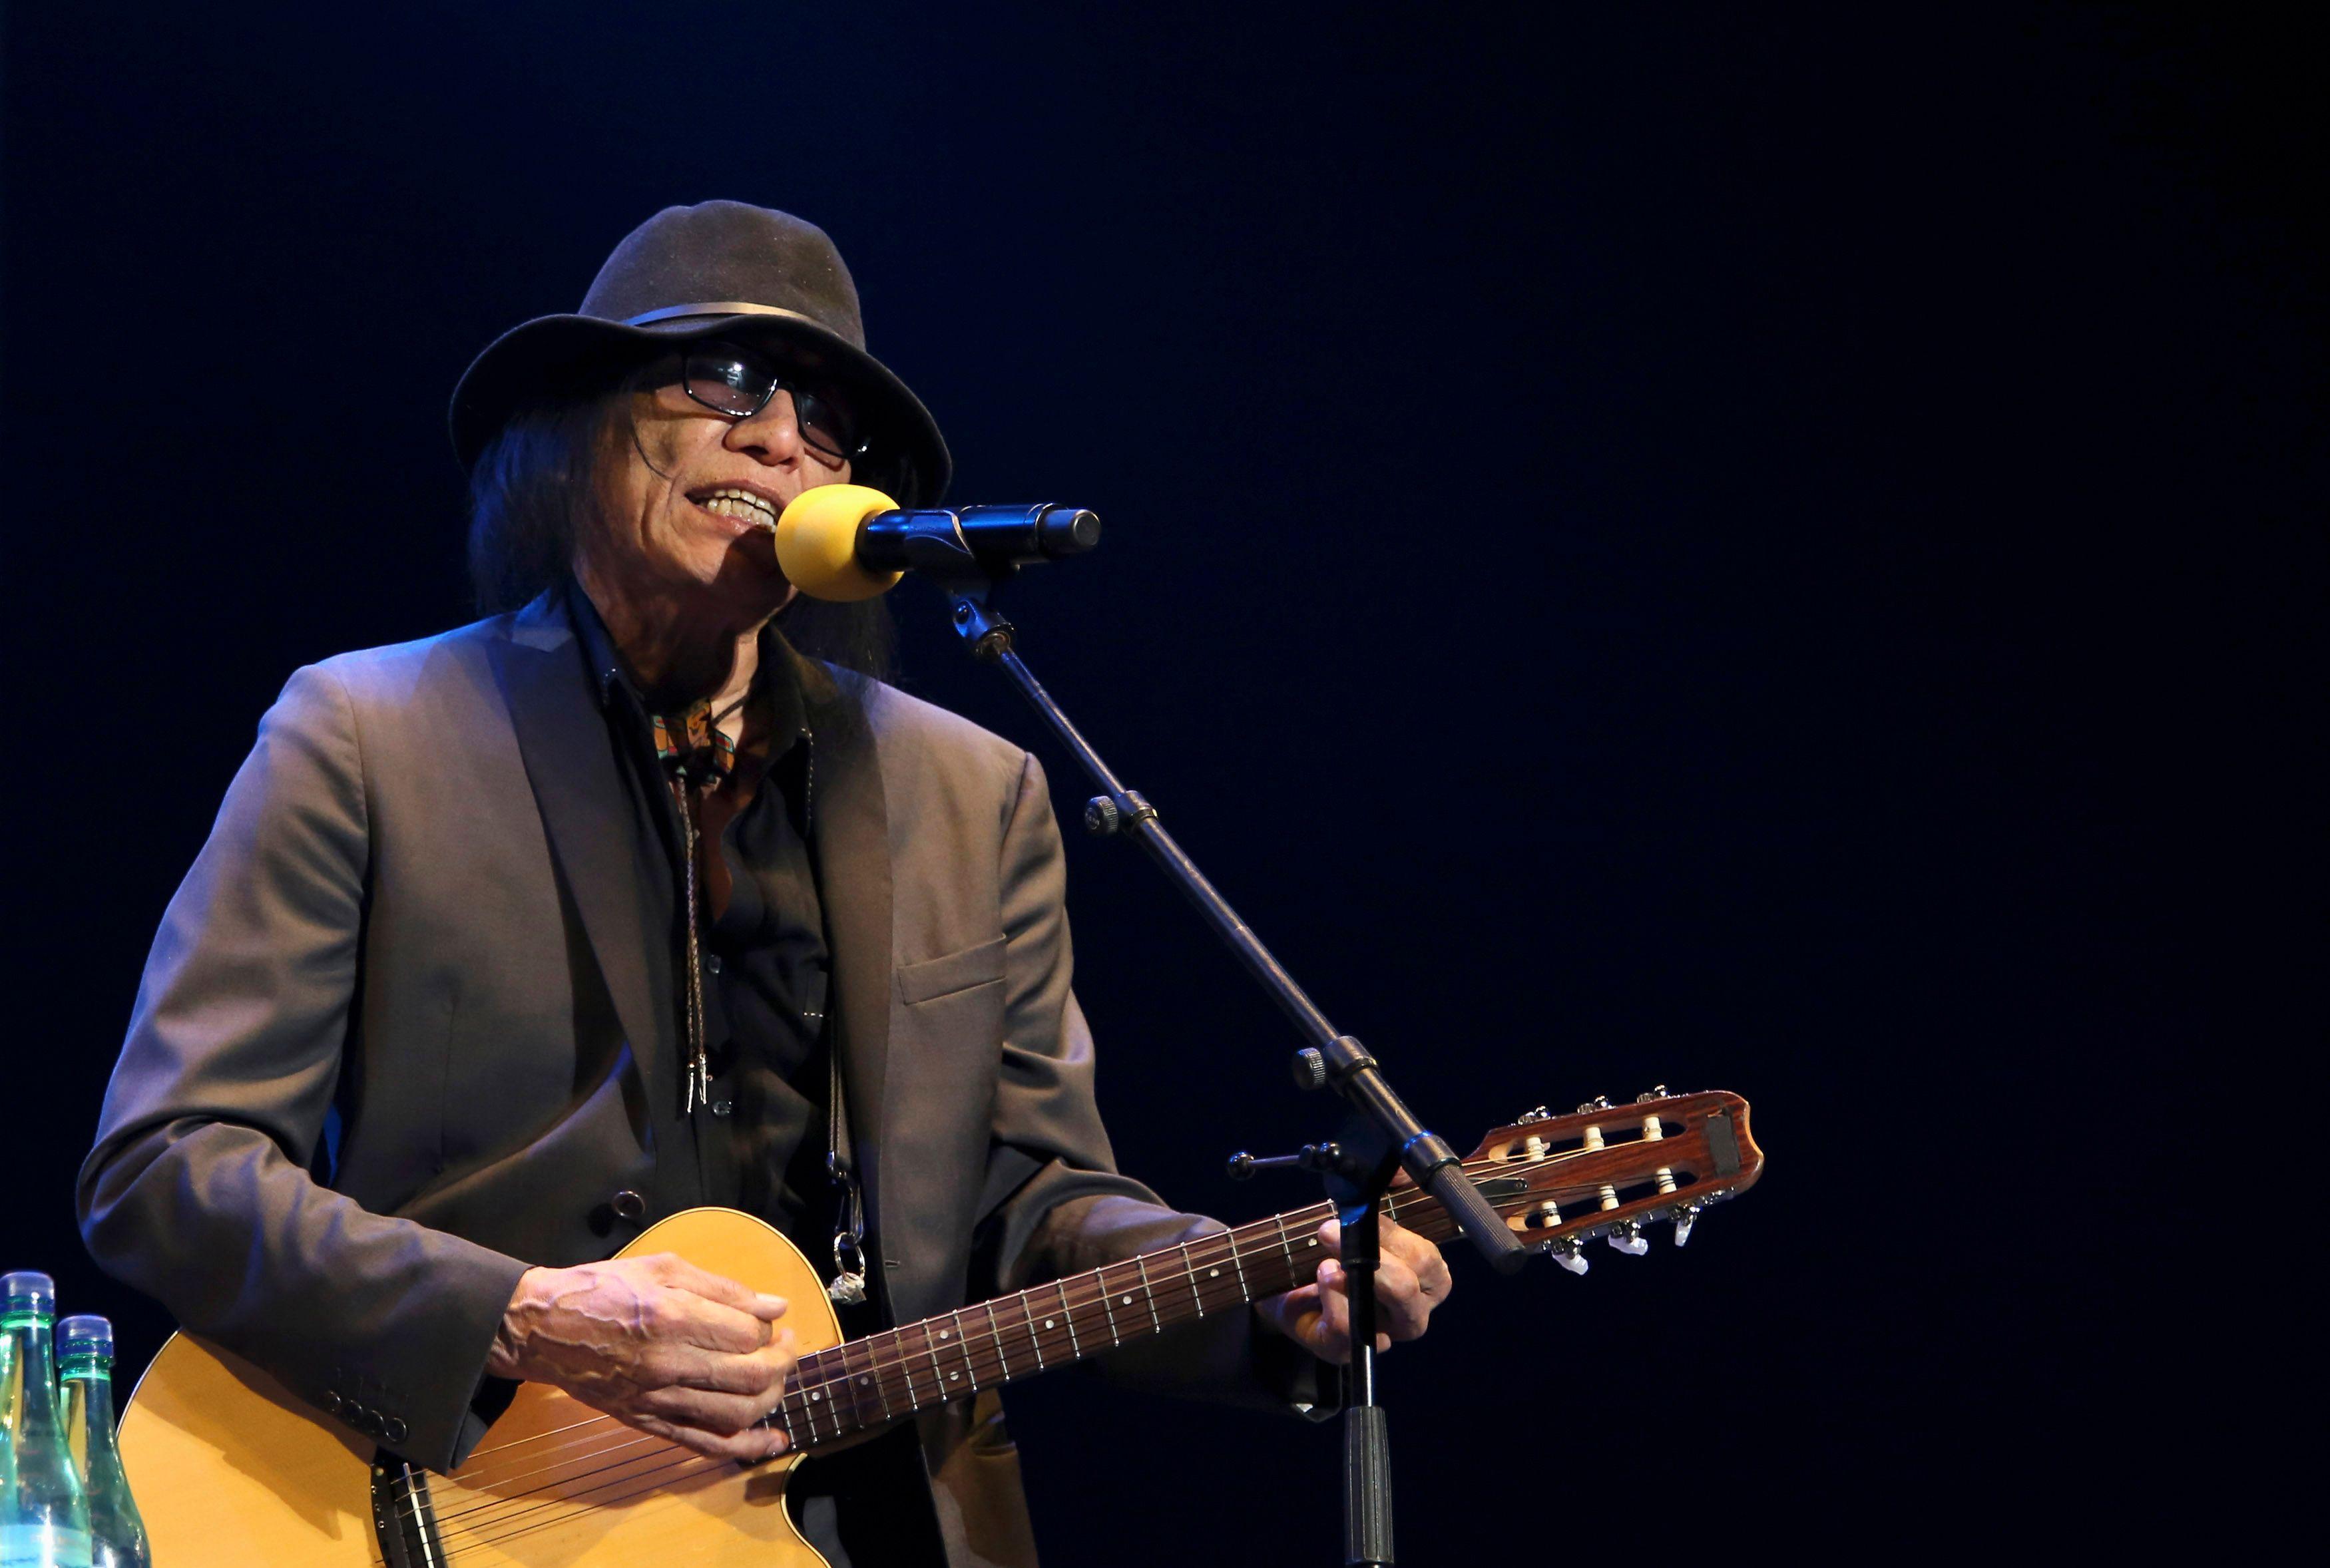 Le concert de Sixto Rodriguez a réuni 6 300 personnes au Zénith de Paris ce lundi